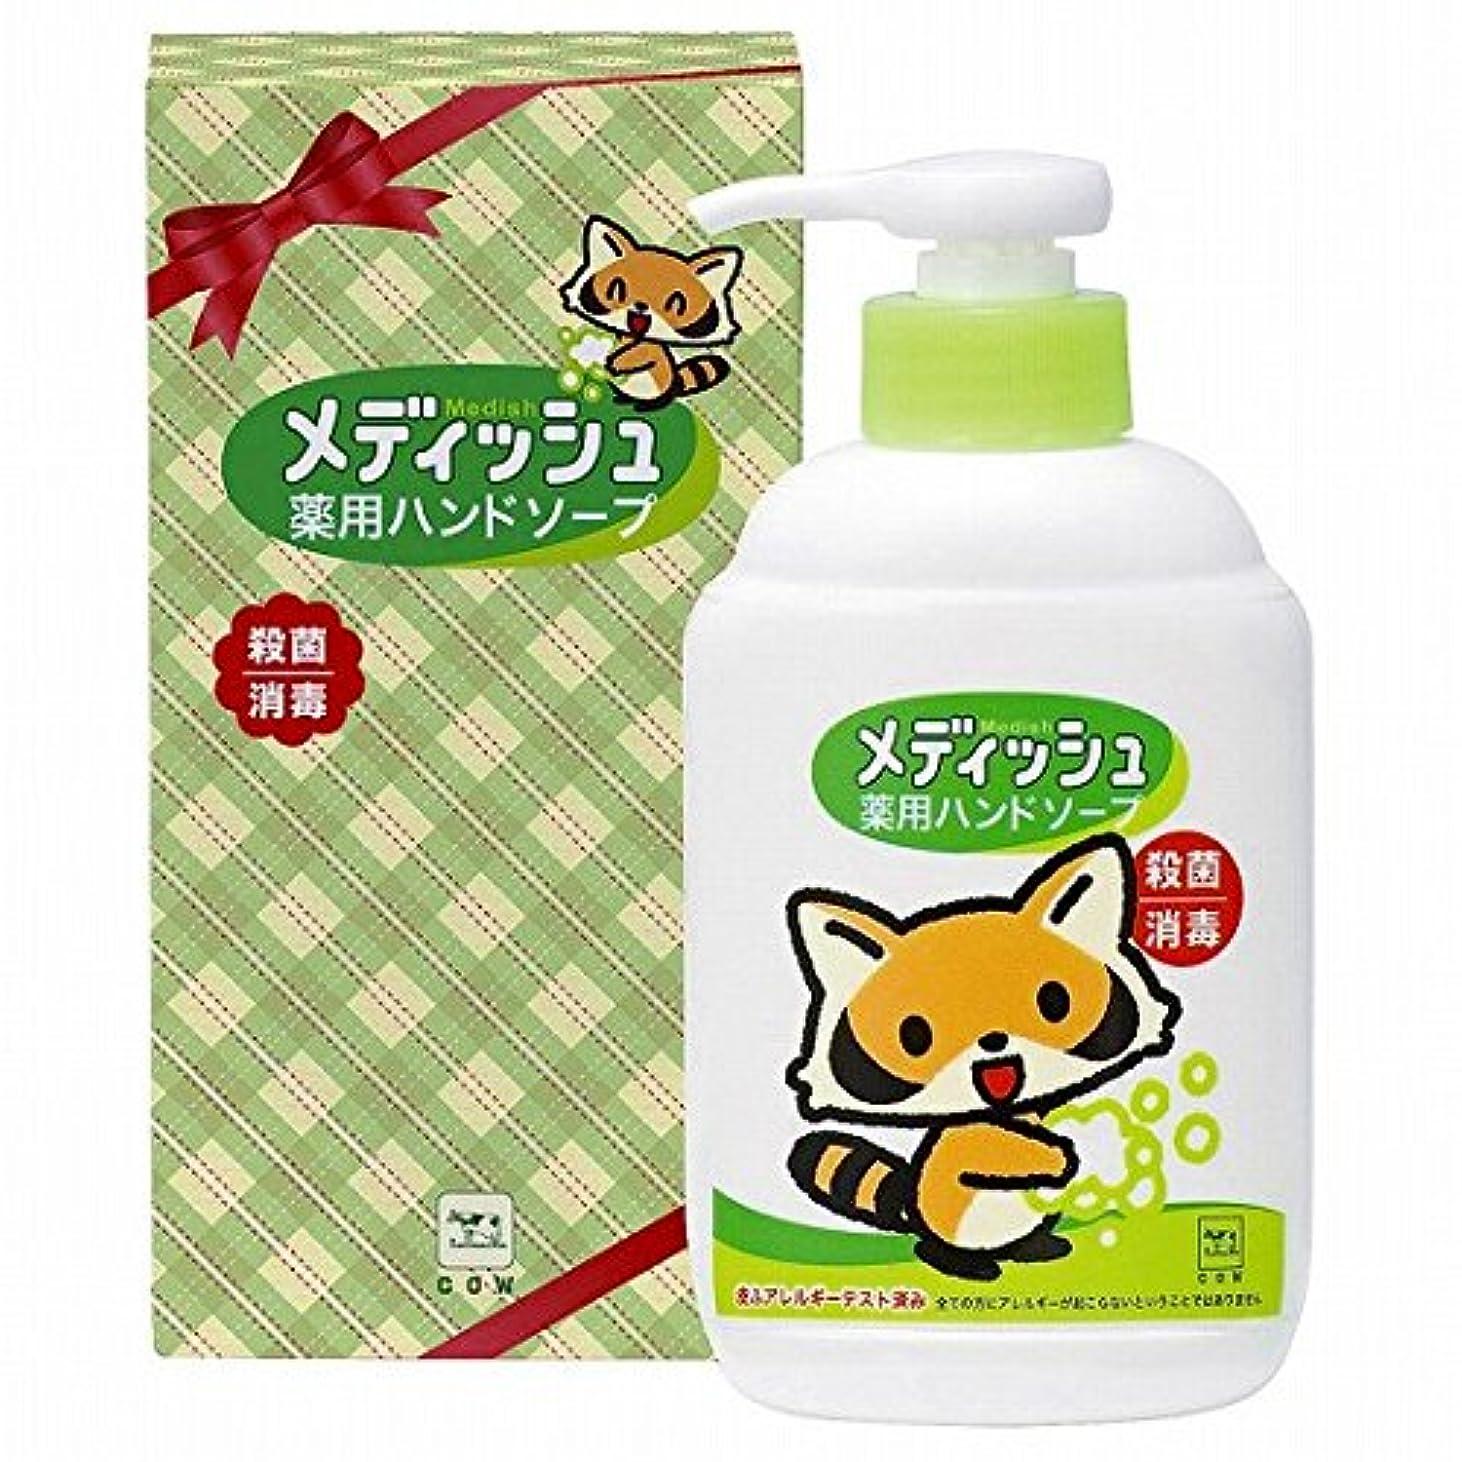 名詞選出する鎮痛剤nobrand 牛乳石鹸 メディッシュ 薬用ハンドソープ 250ml 箱入(MS35)